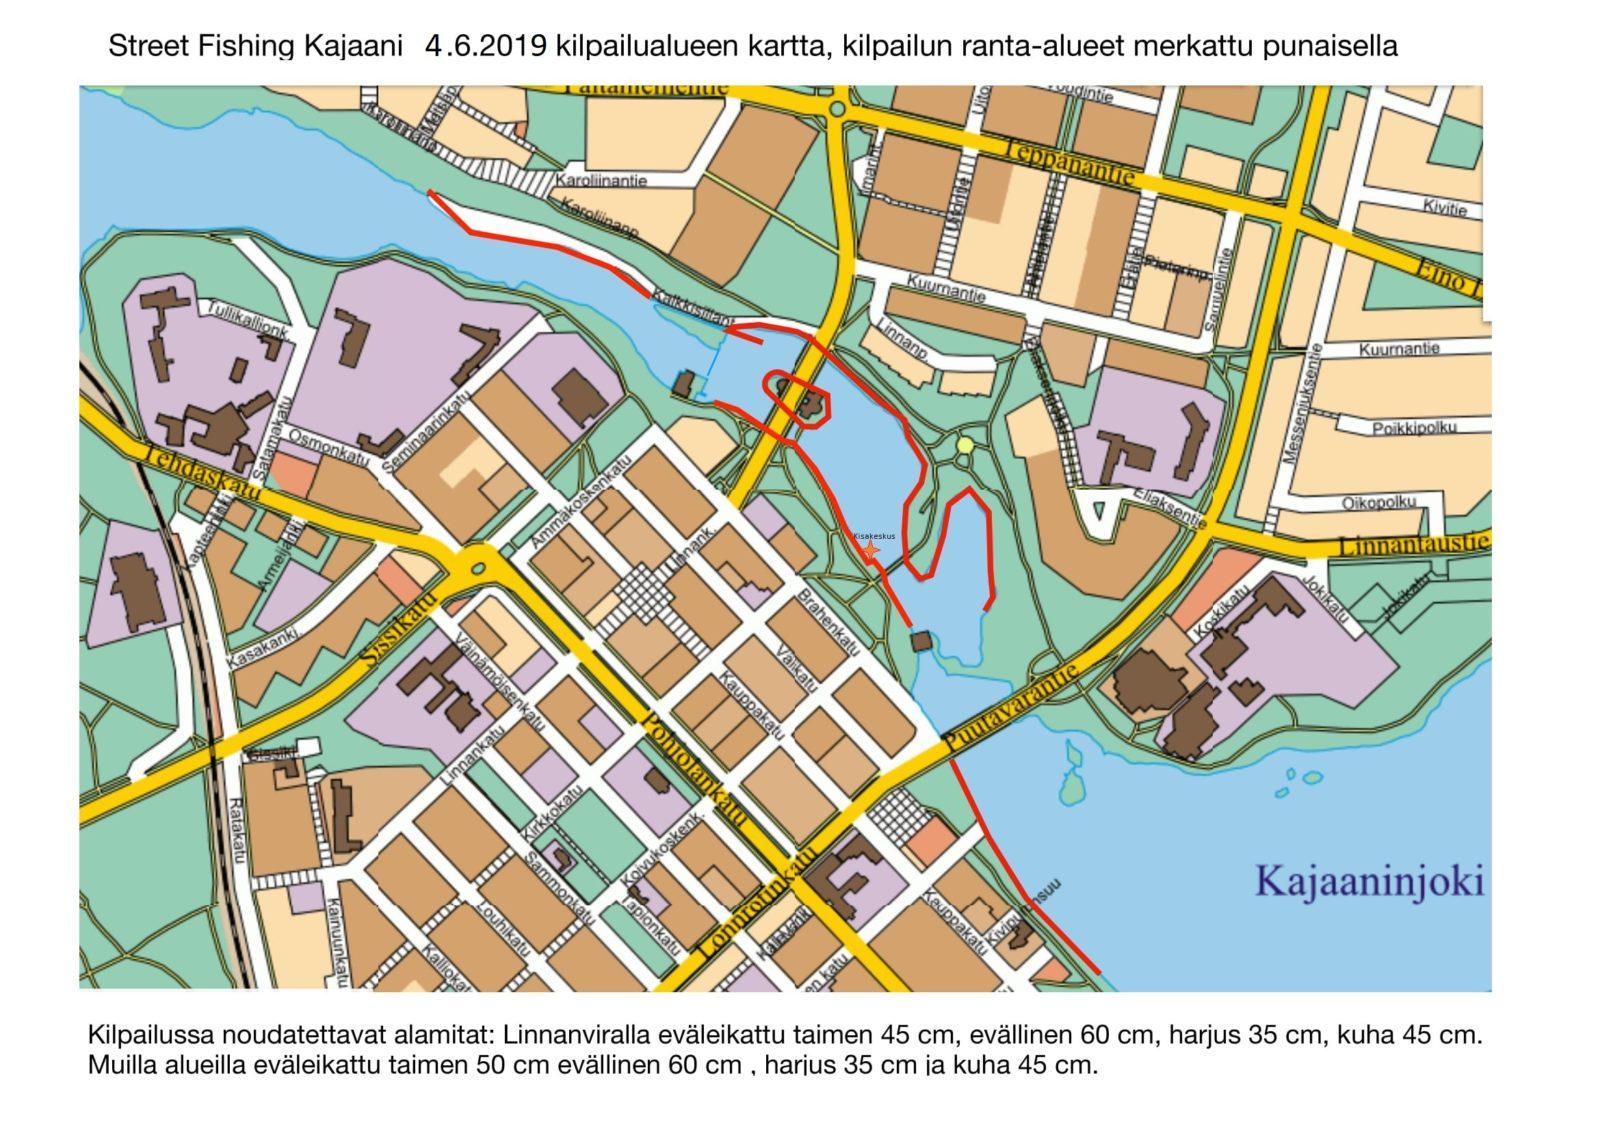 Street Fishing Kajaani 04 06 2019 Fisuun Fi